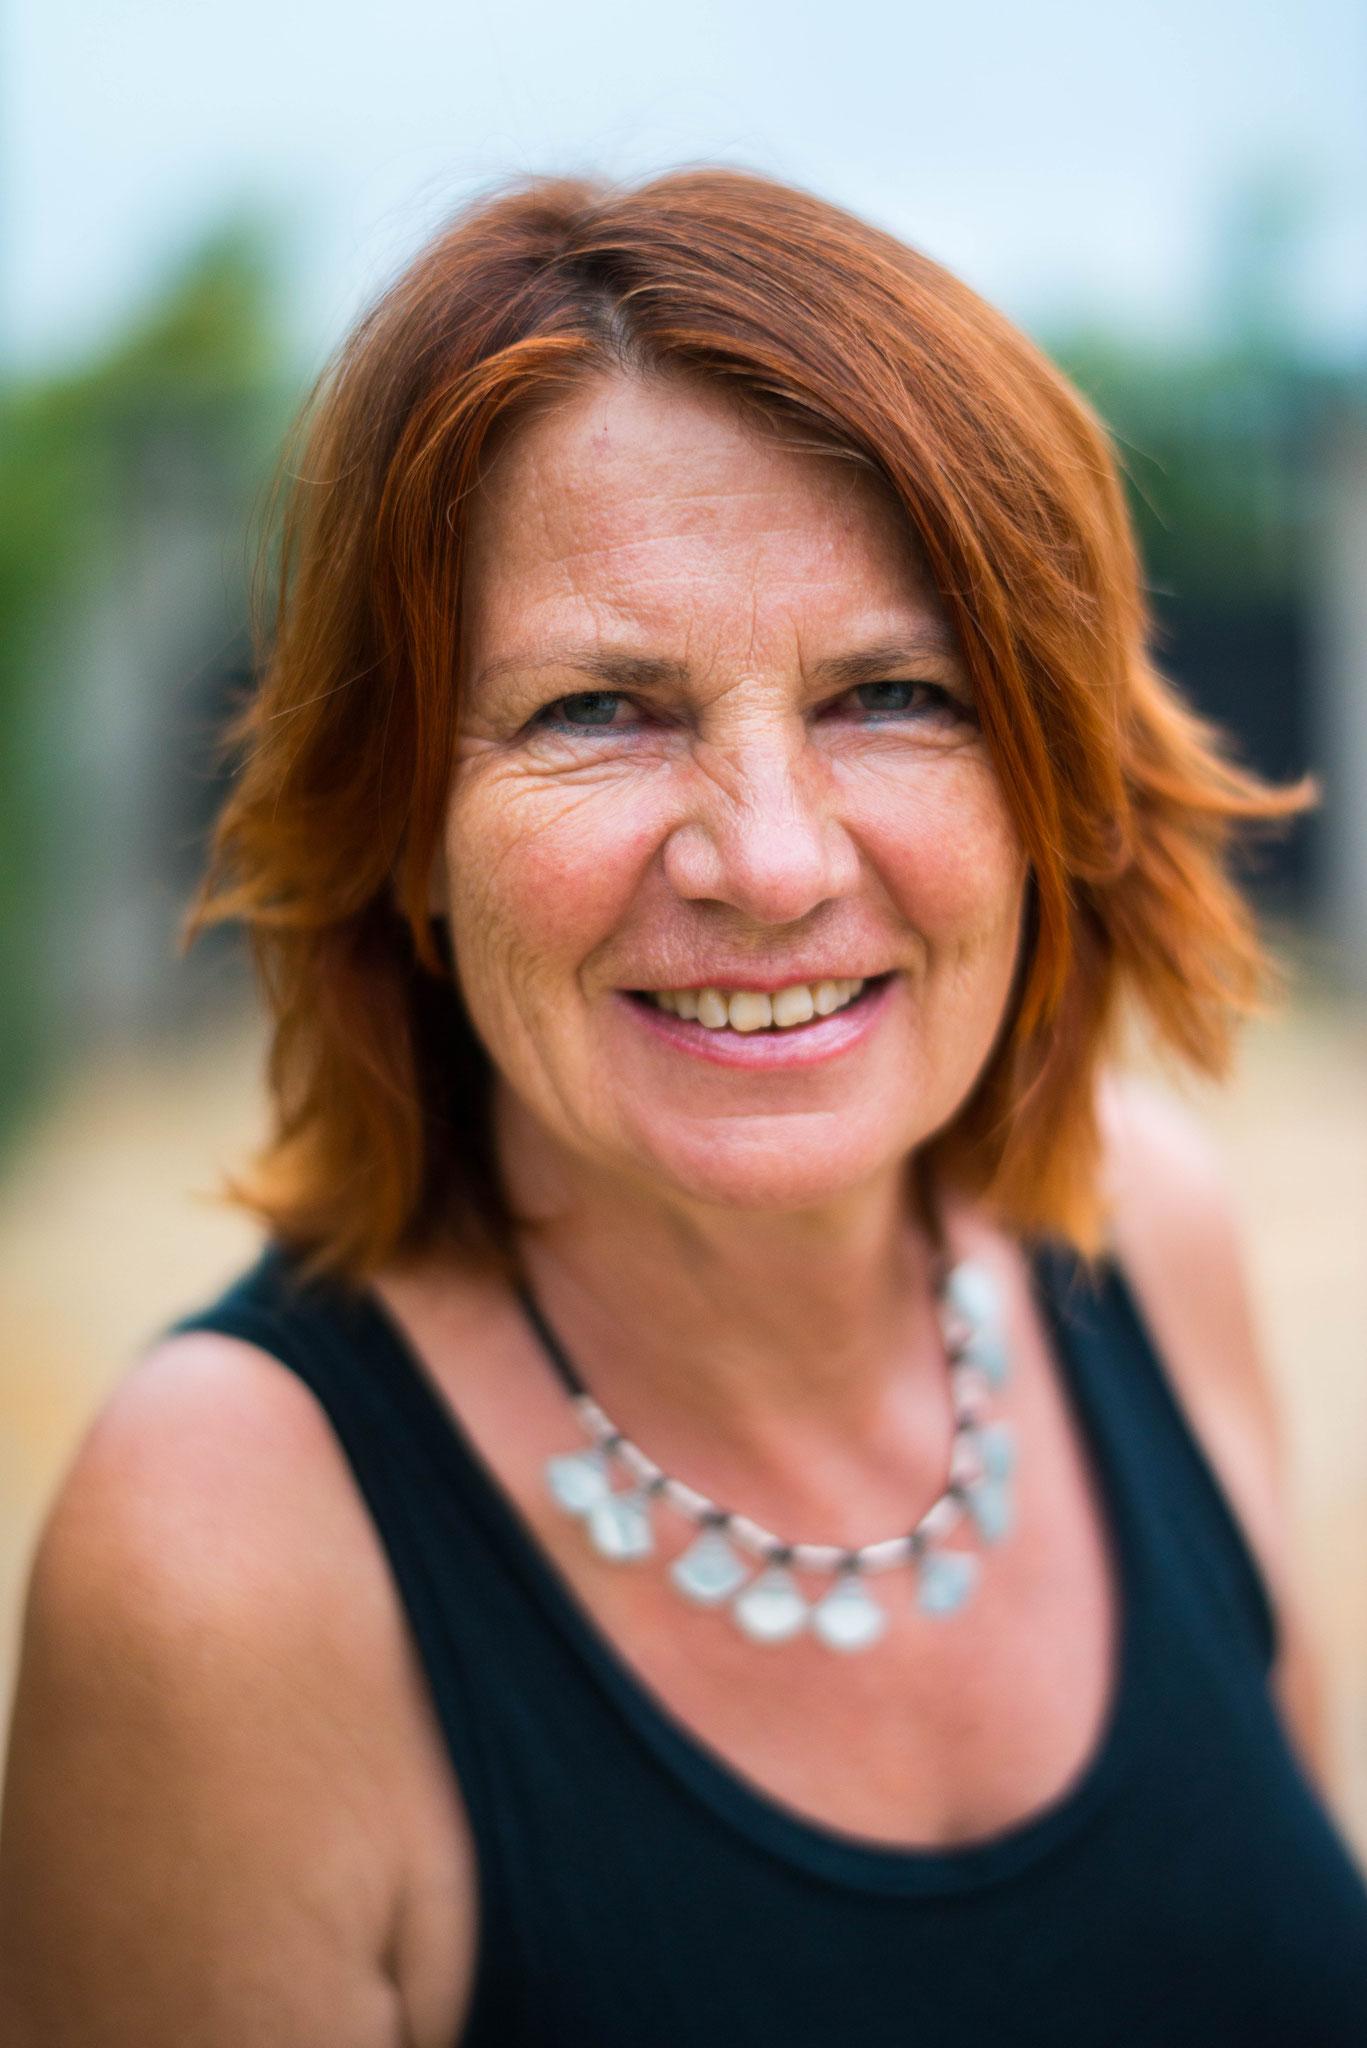 Hertha Schwaighofer, Chairwoman & Founder